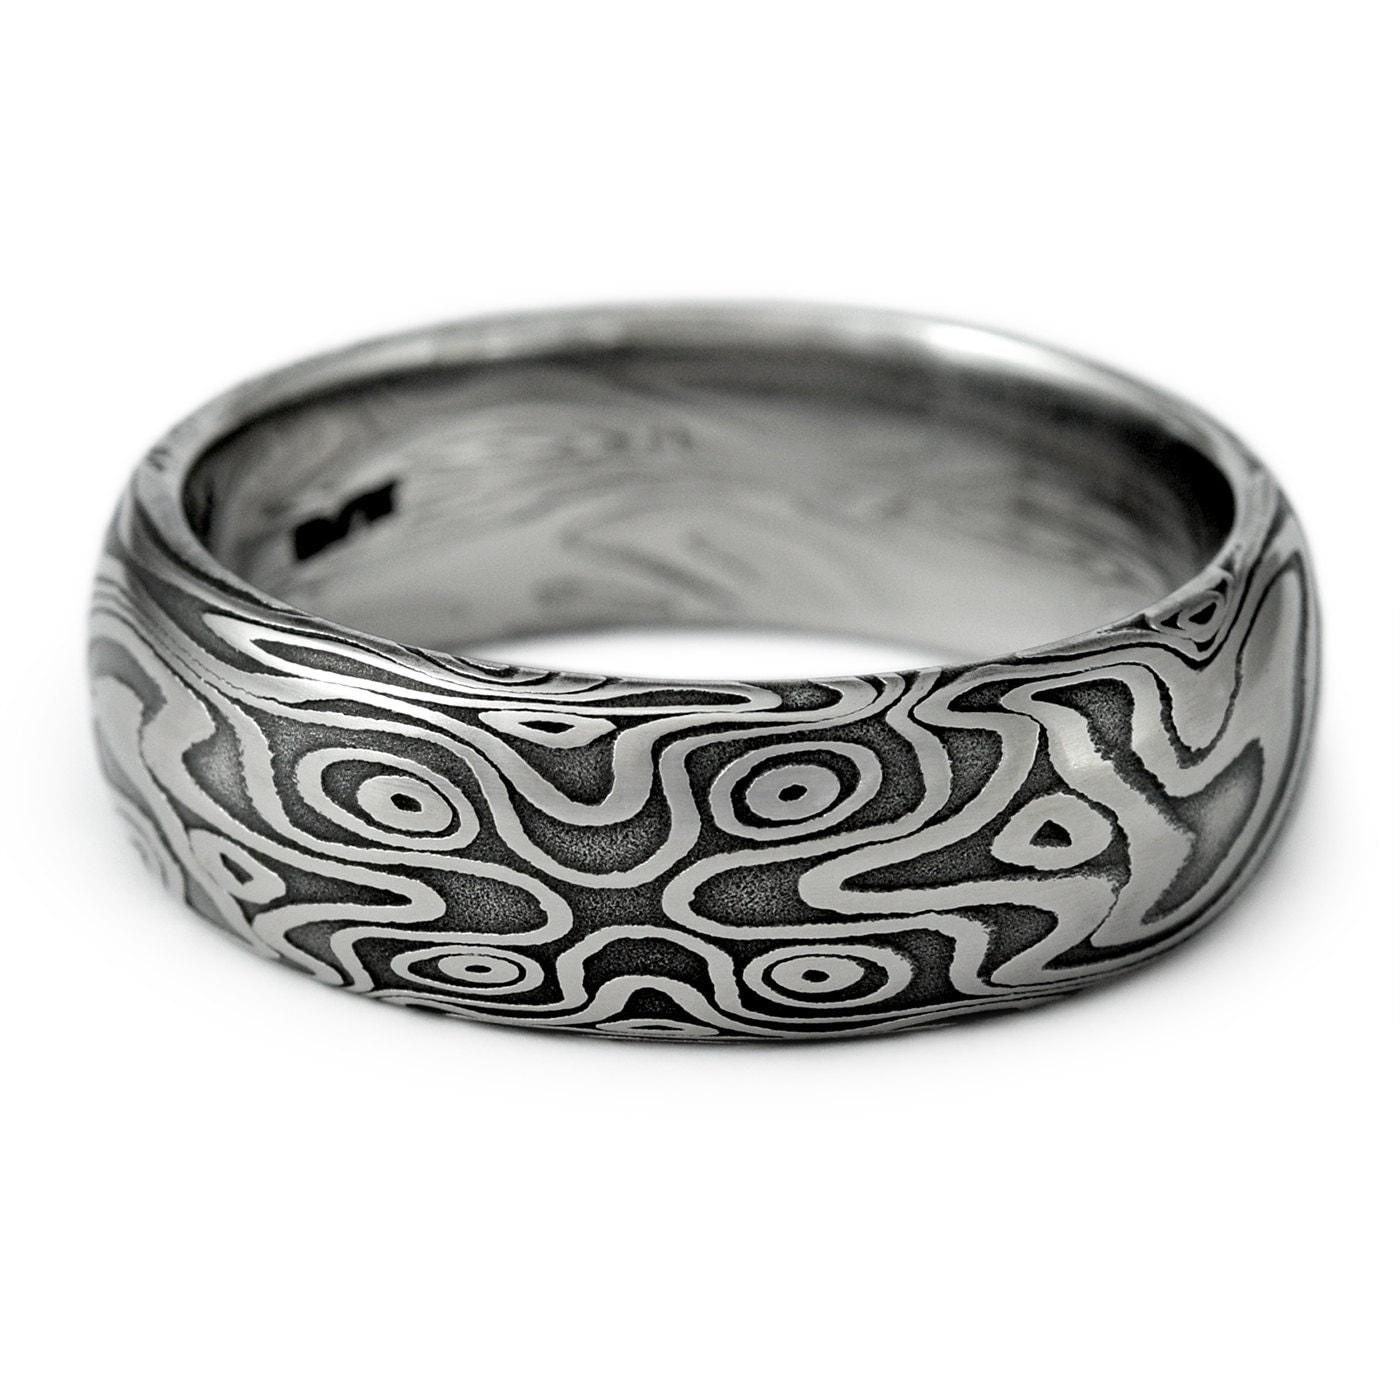 wood grain ring damascus steel men 39 s domed wedding band. Black Bedroom Furniture Sets. Home Design Ideas